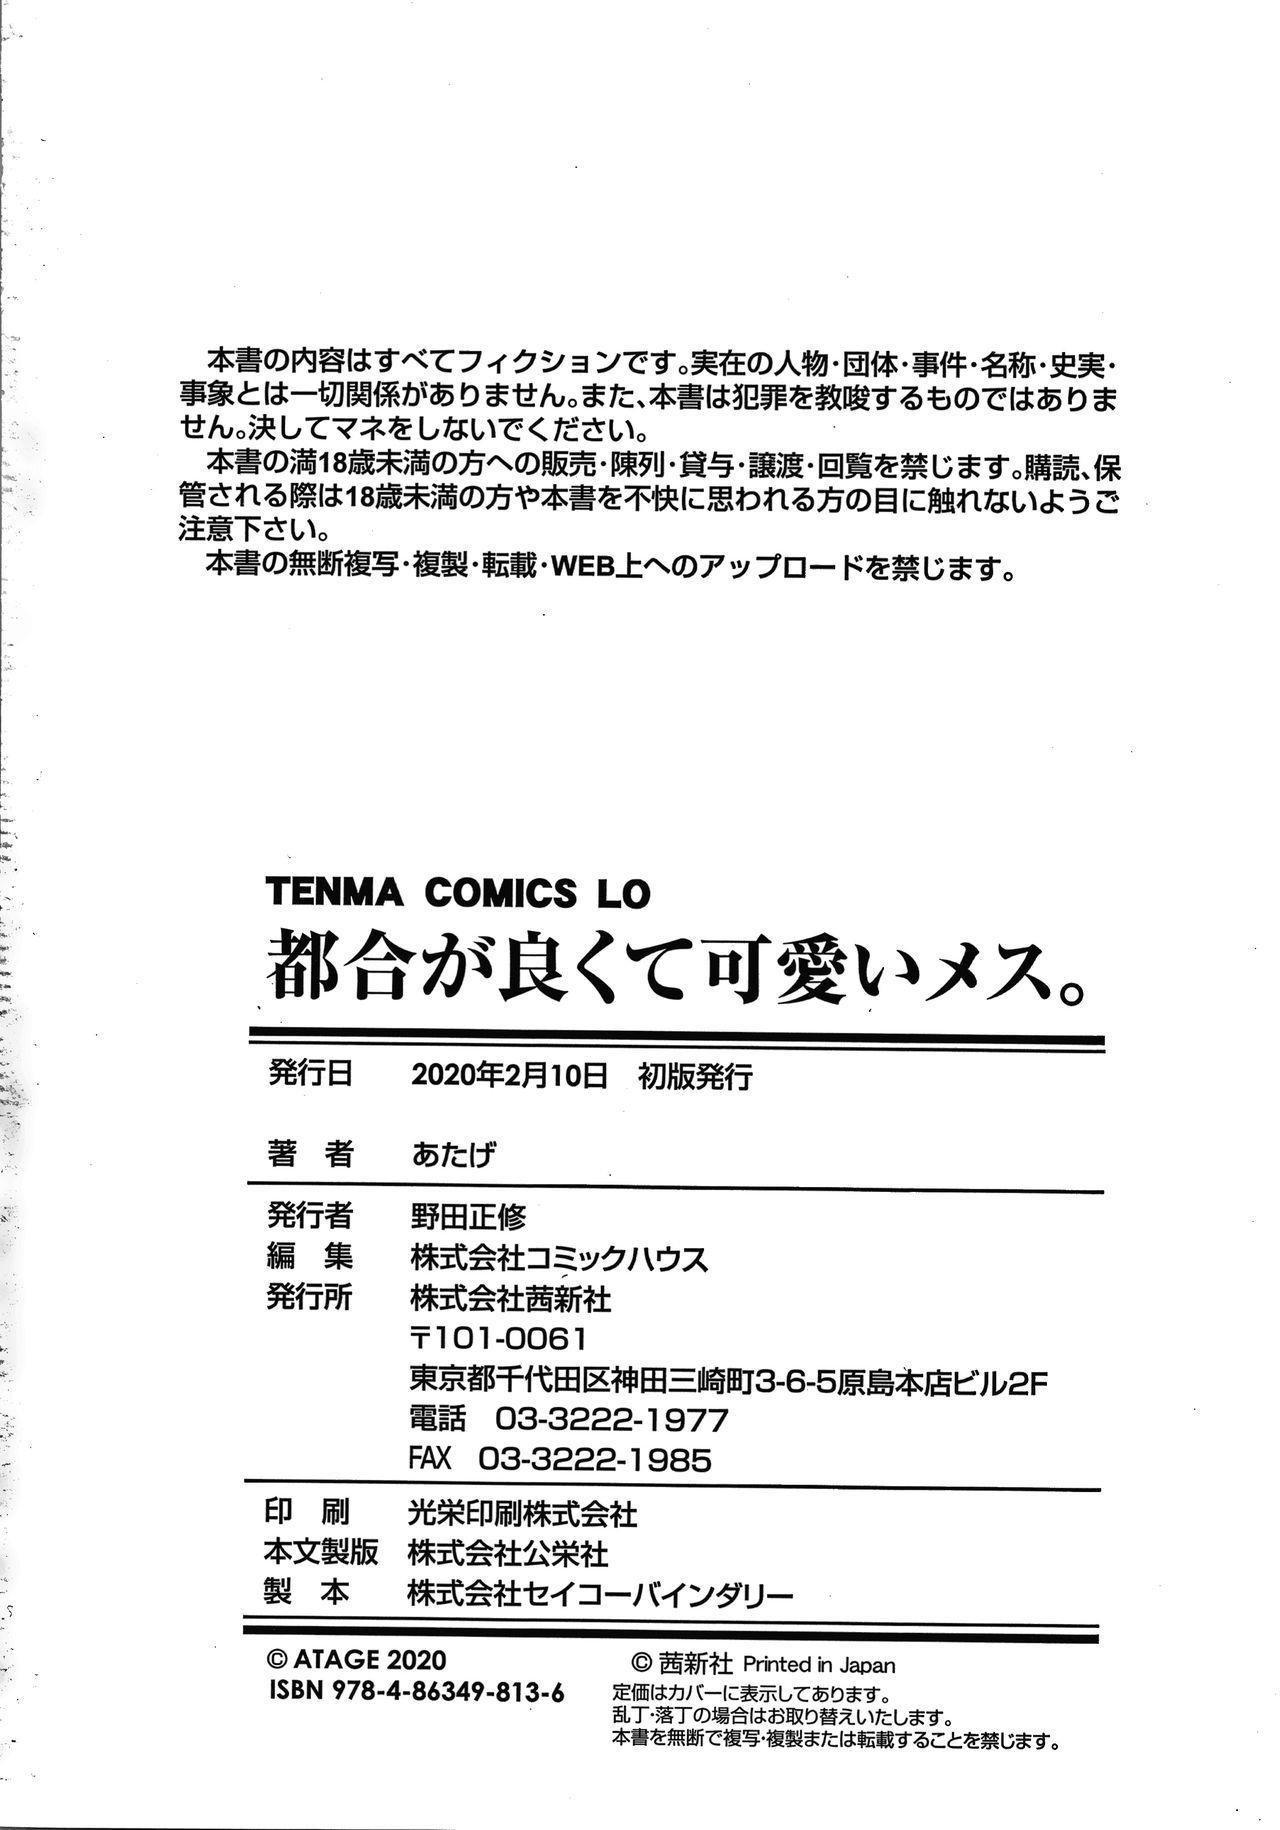 Tsugou ga Yokute Kawaii Mesu. 195